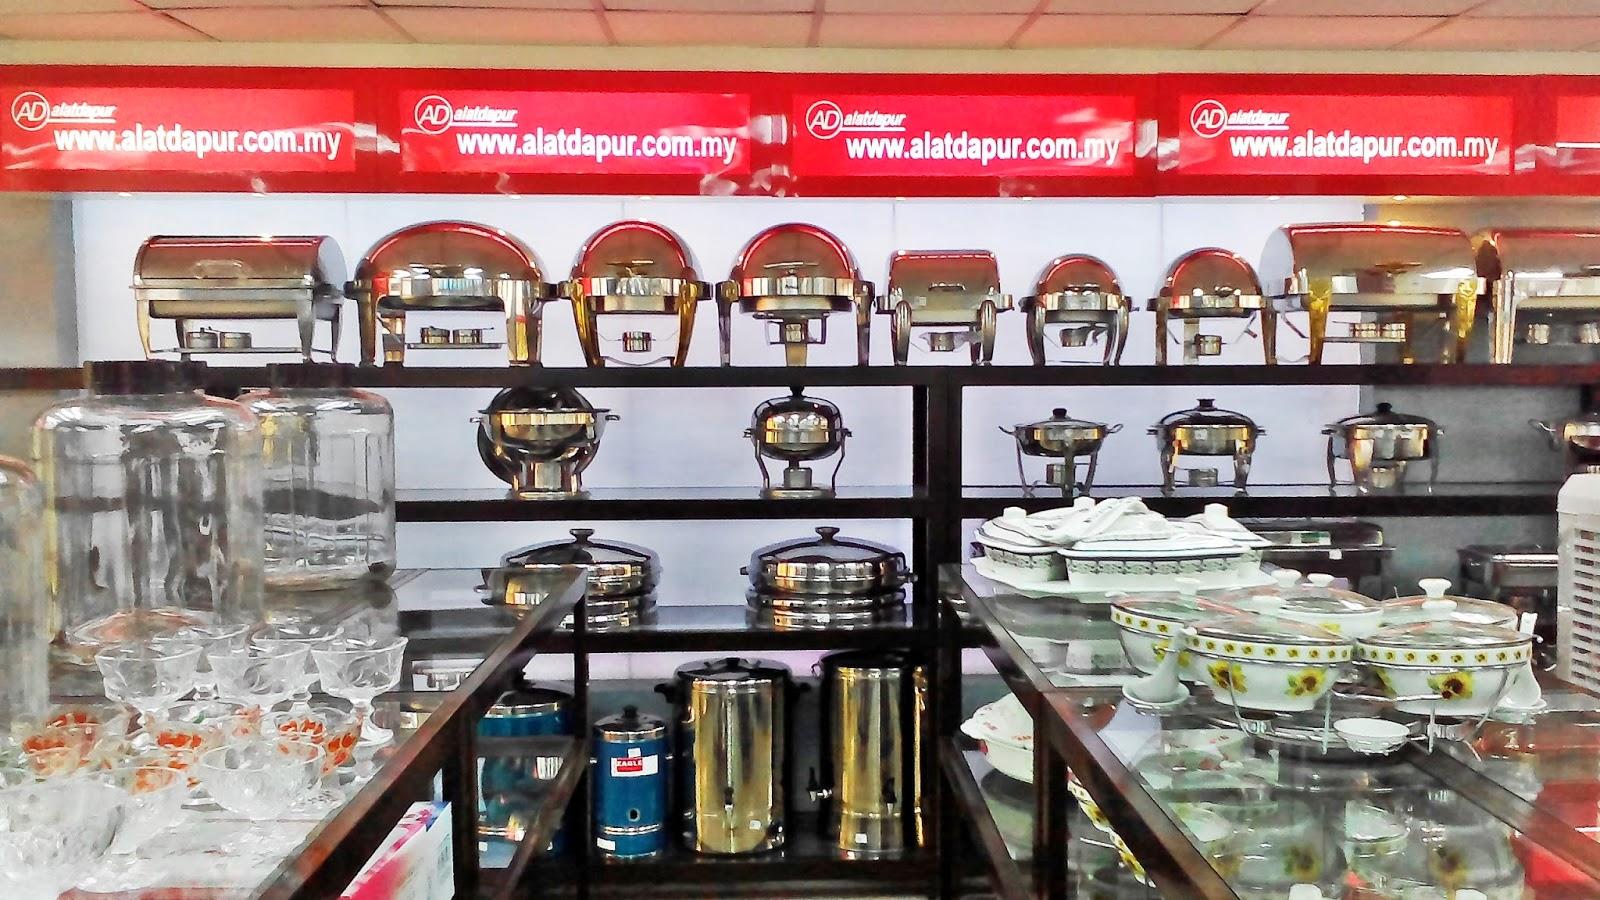 Kedai Peralatan Dapur Di Shah Alam Desainrumahid